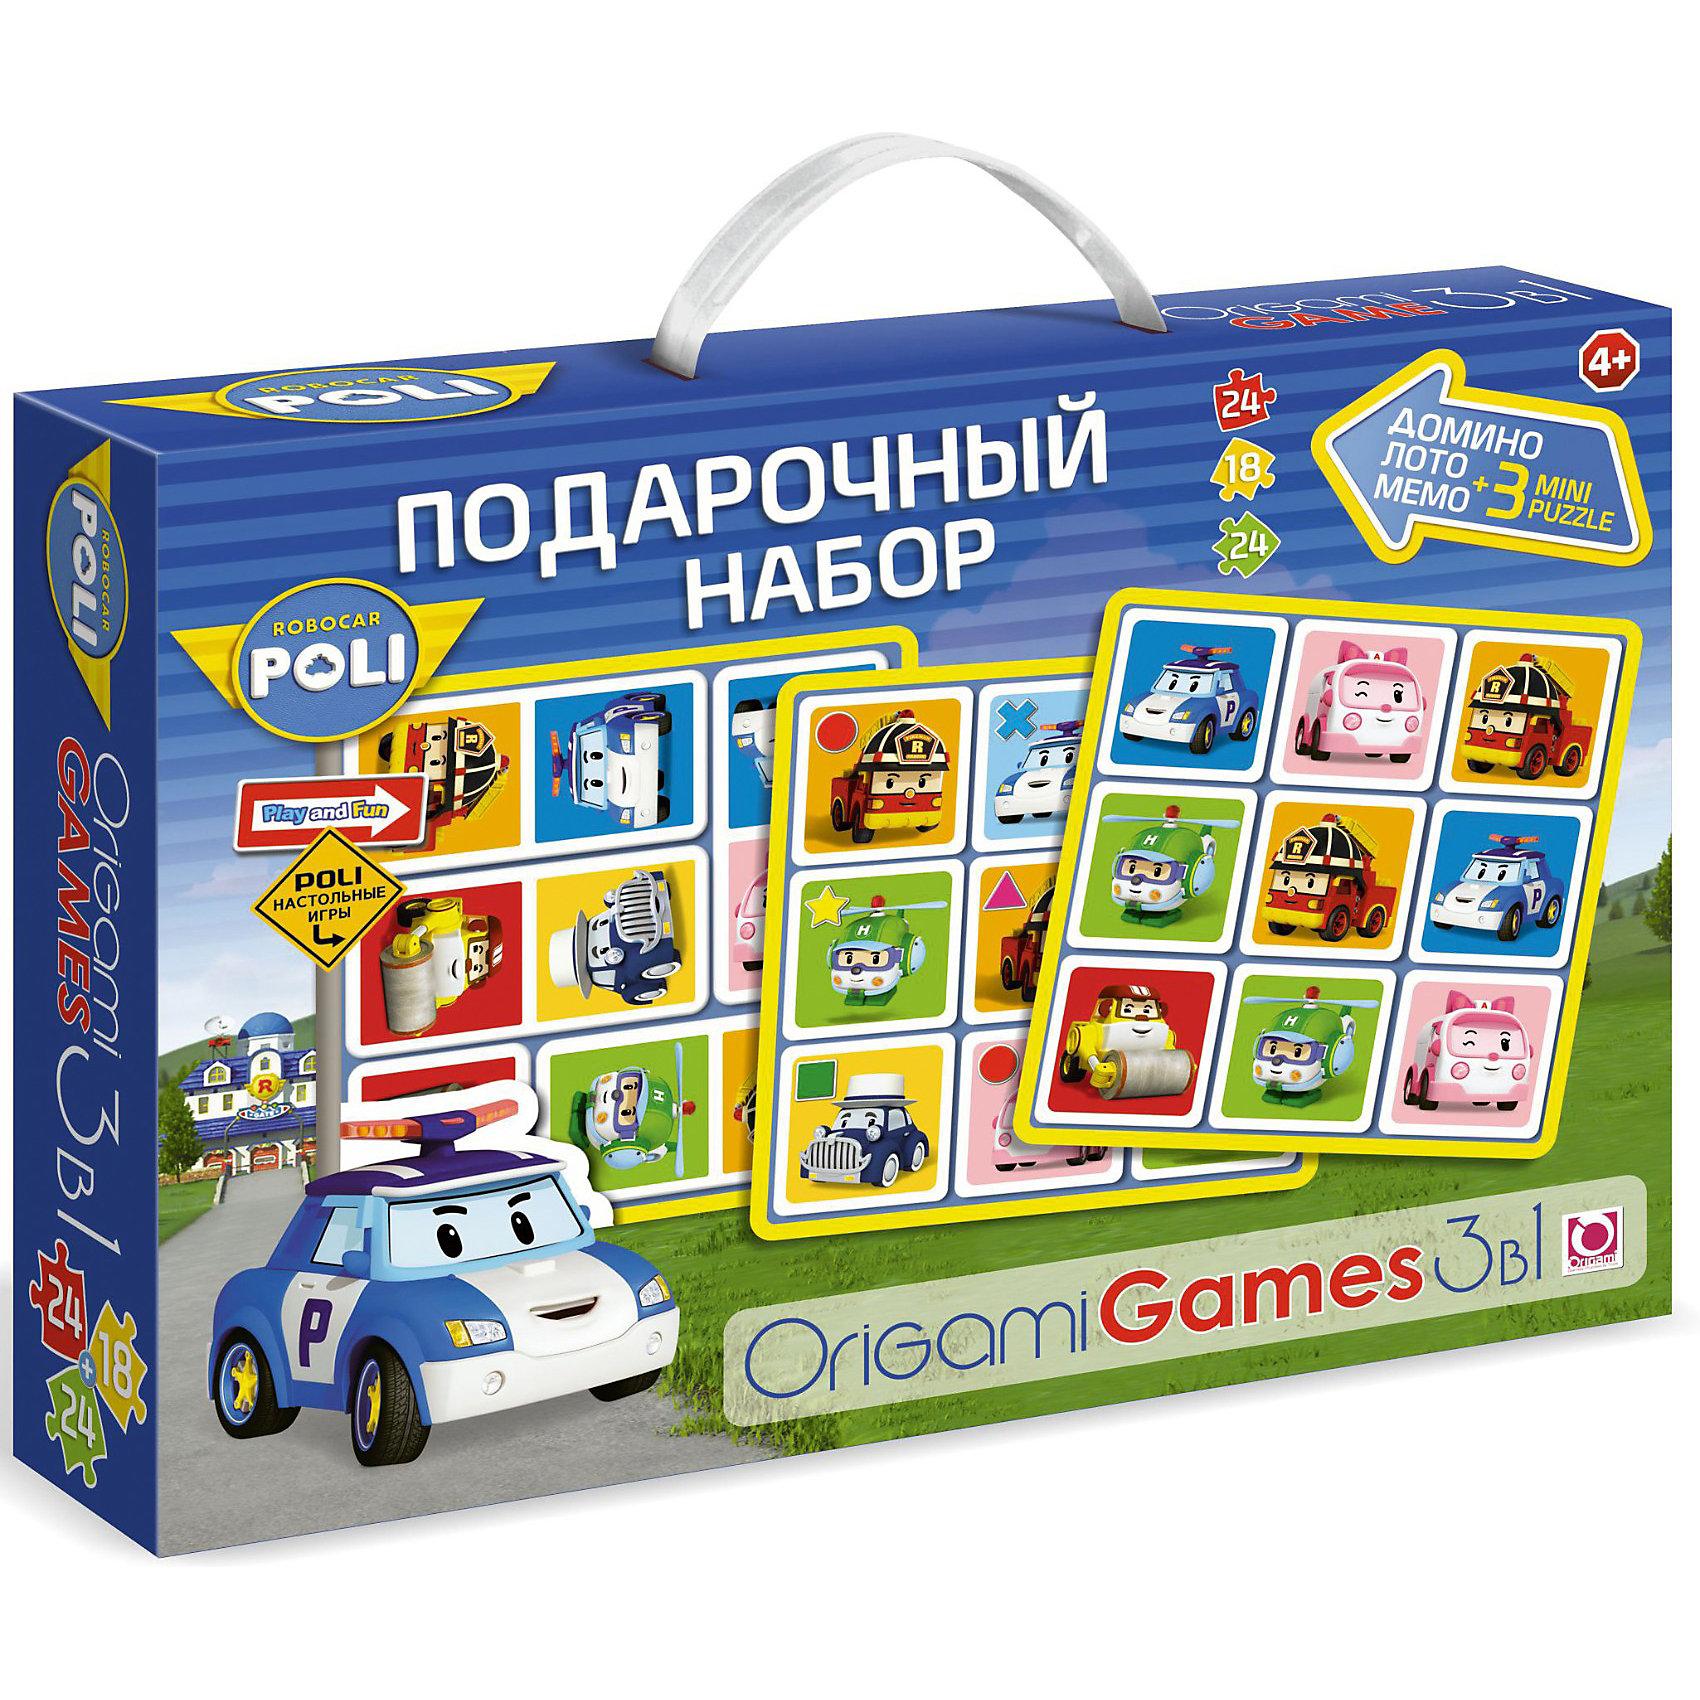 Origami Игра 3 в 1 Лото, домино, мемо + Набор пазлов 24*18*24 деталей, Робокар Поли кроссовки лото купить в донецке